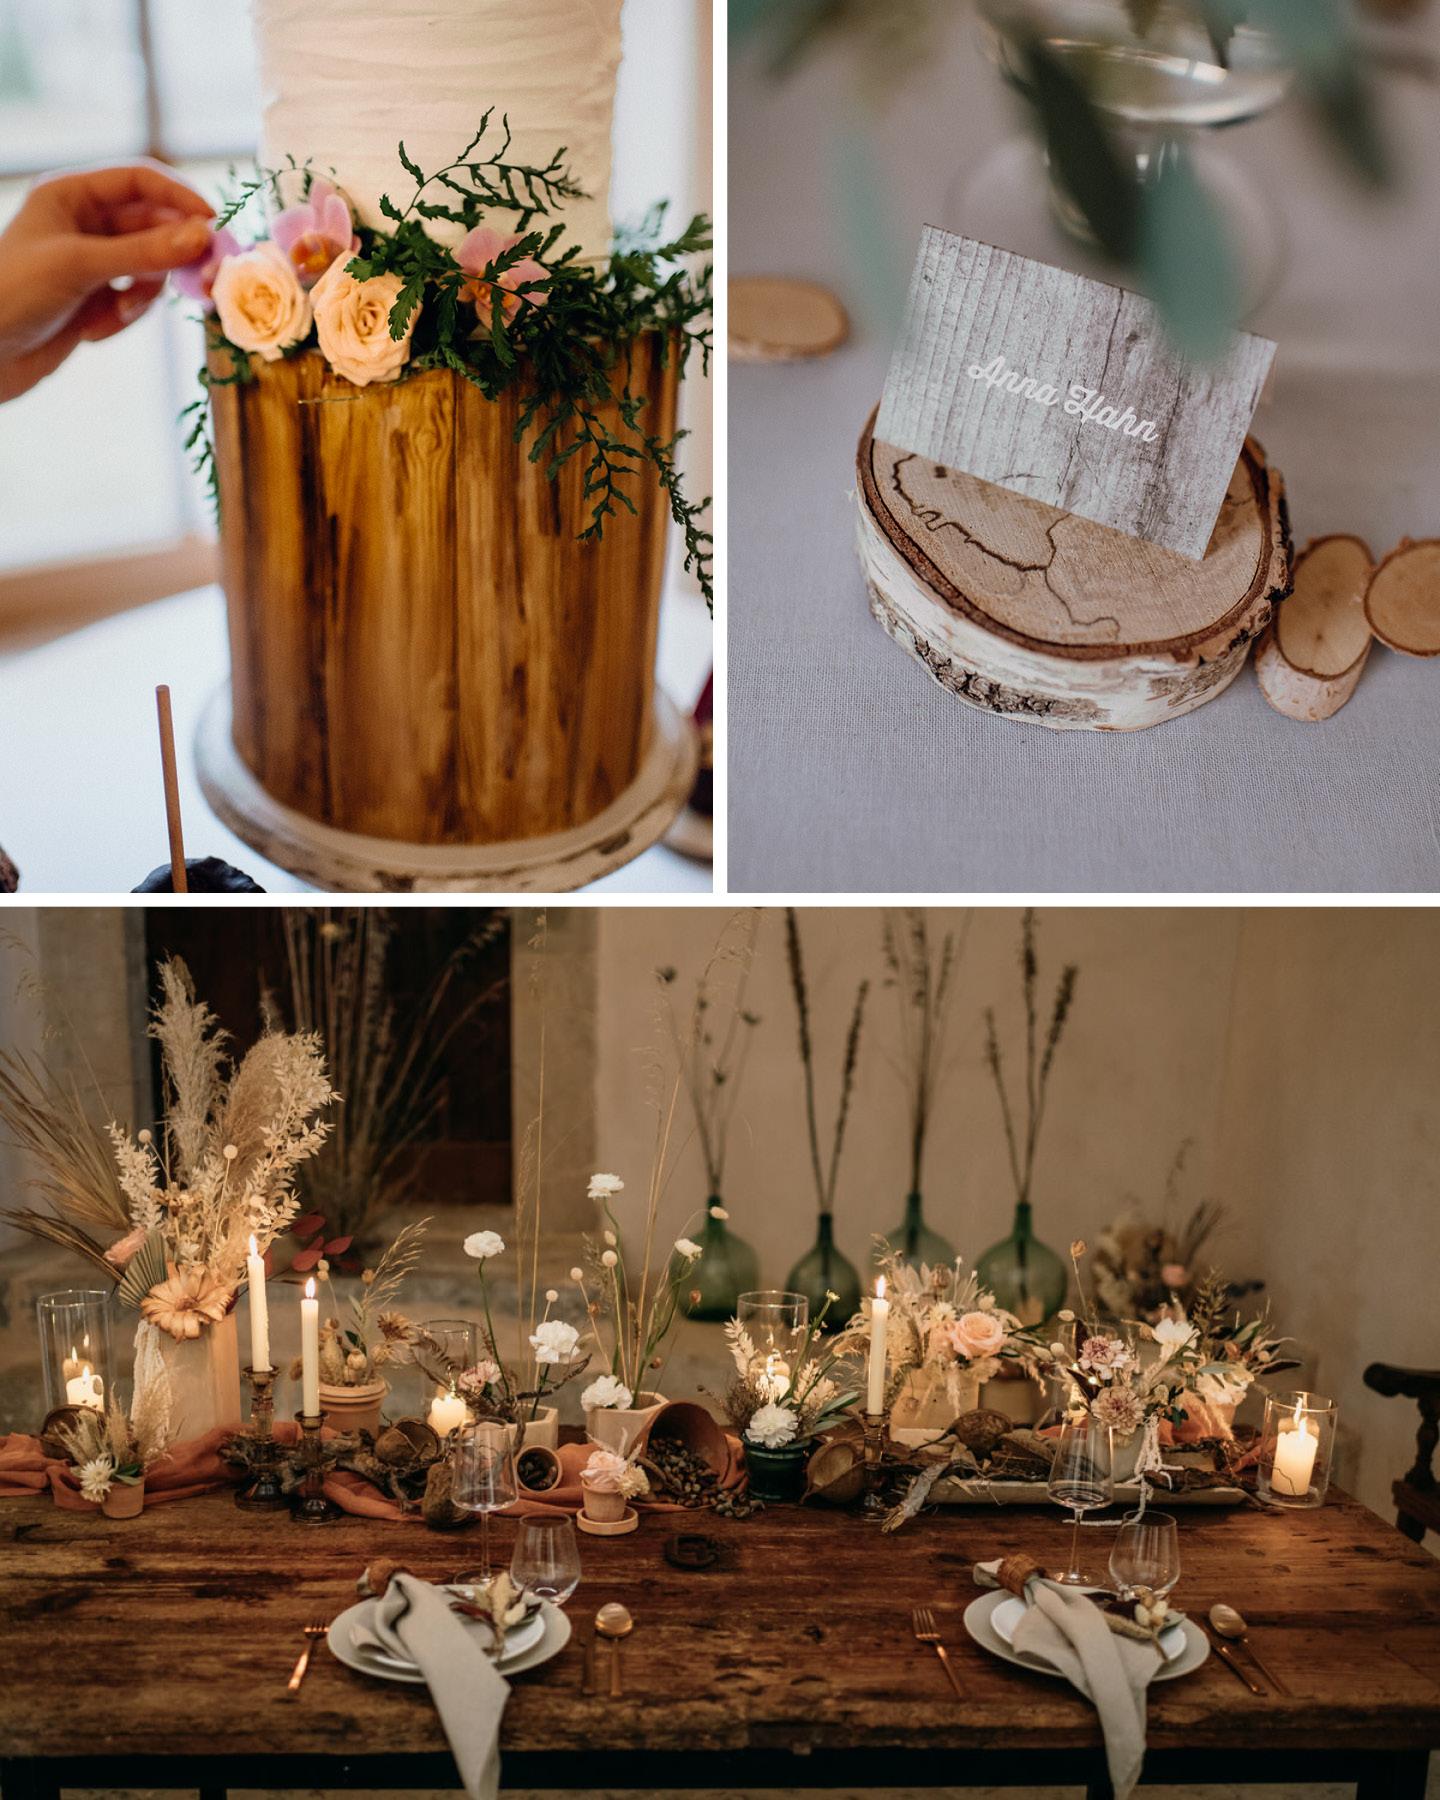 Hochzeitsdeko Trends 2021: Deko mit viel Holz